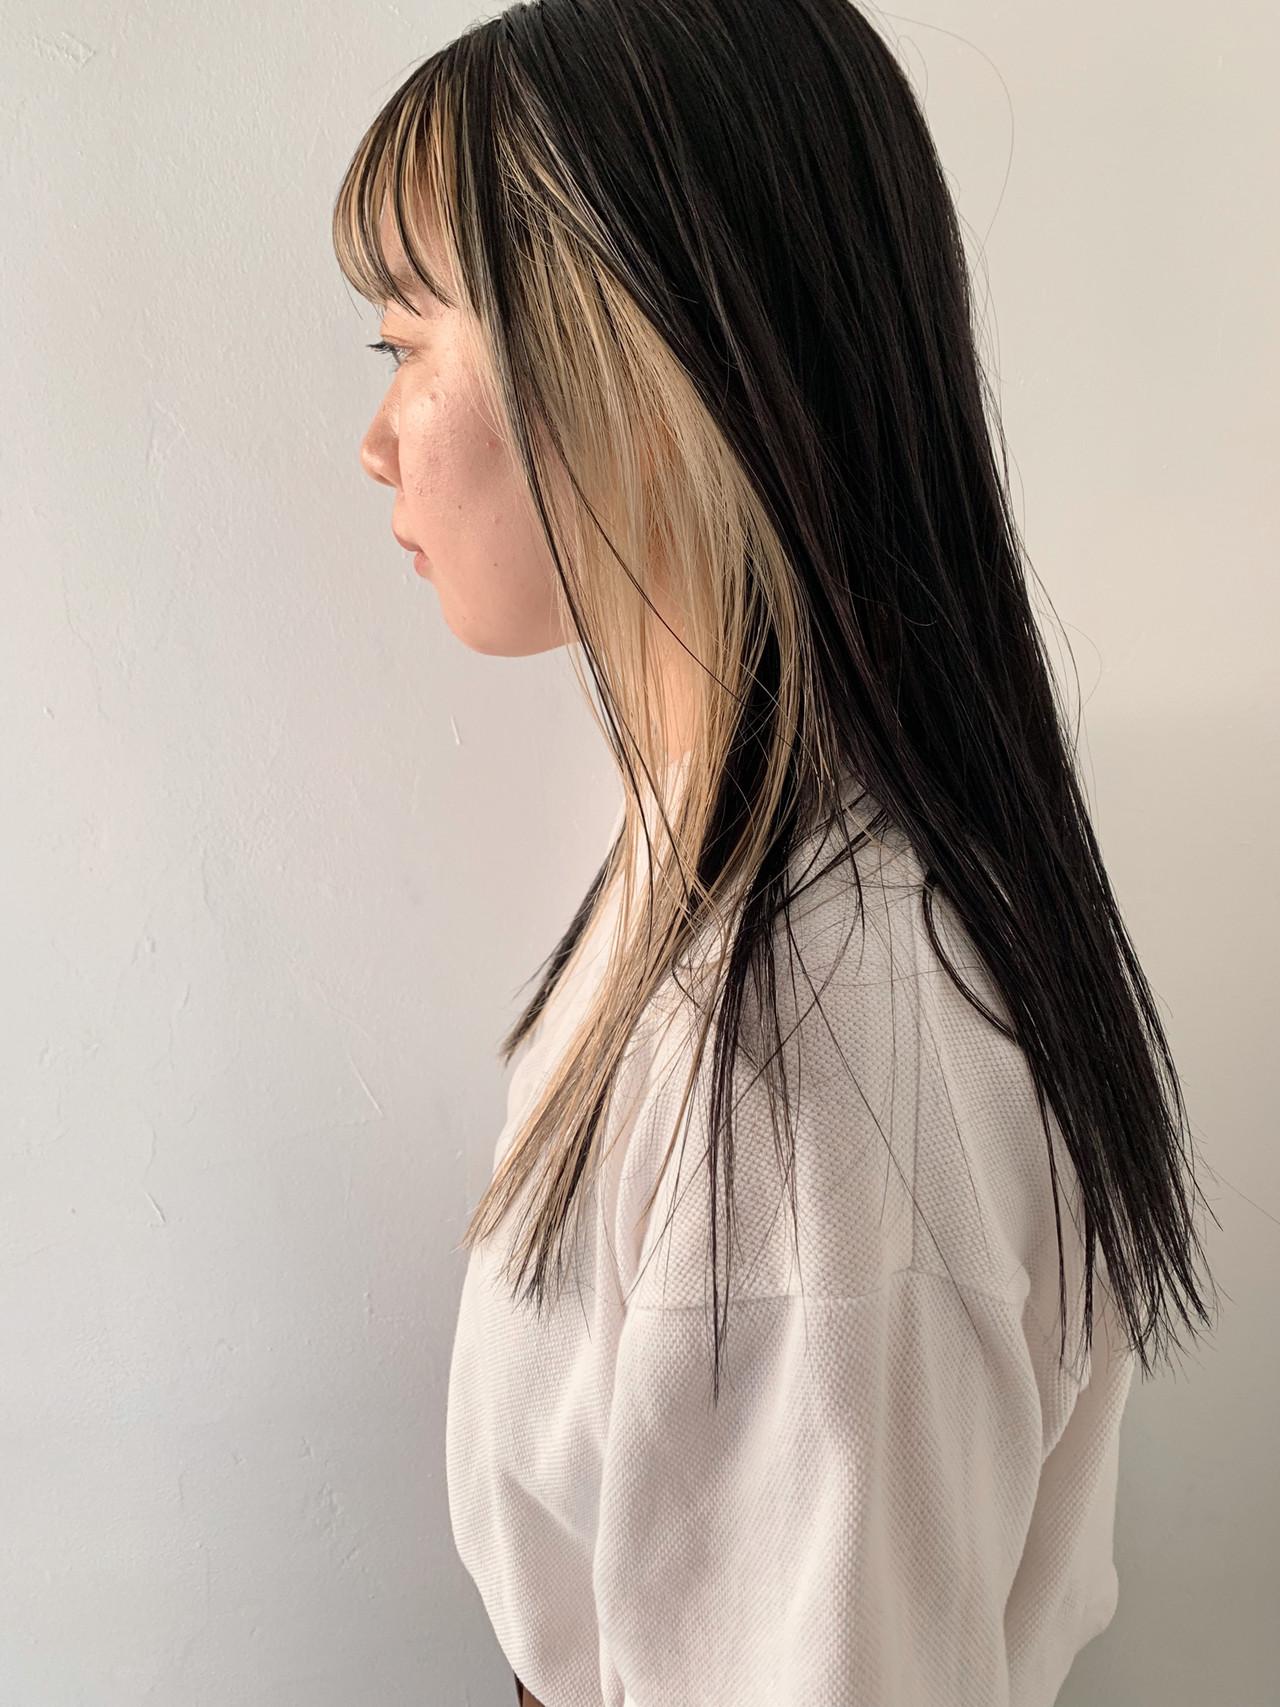 ロング デート ハイトーン インナーカラー ヘアスタイルや髪型の写真・画像 | 鷲野 一行 ナチュラルヘア ハイトーン / AO